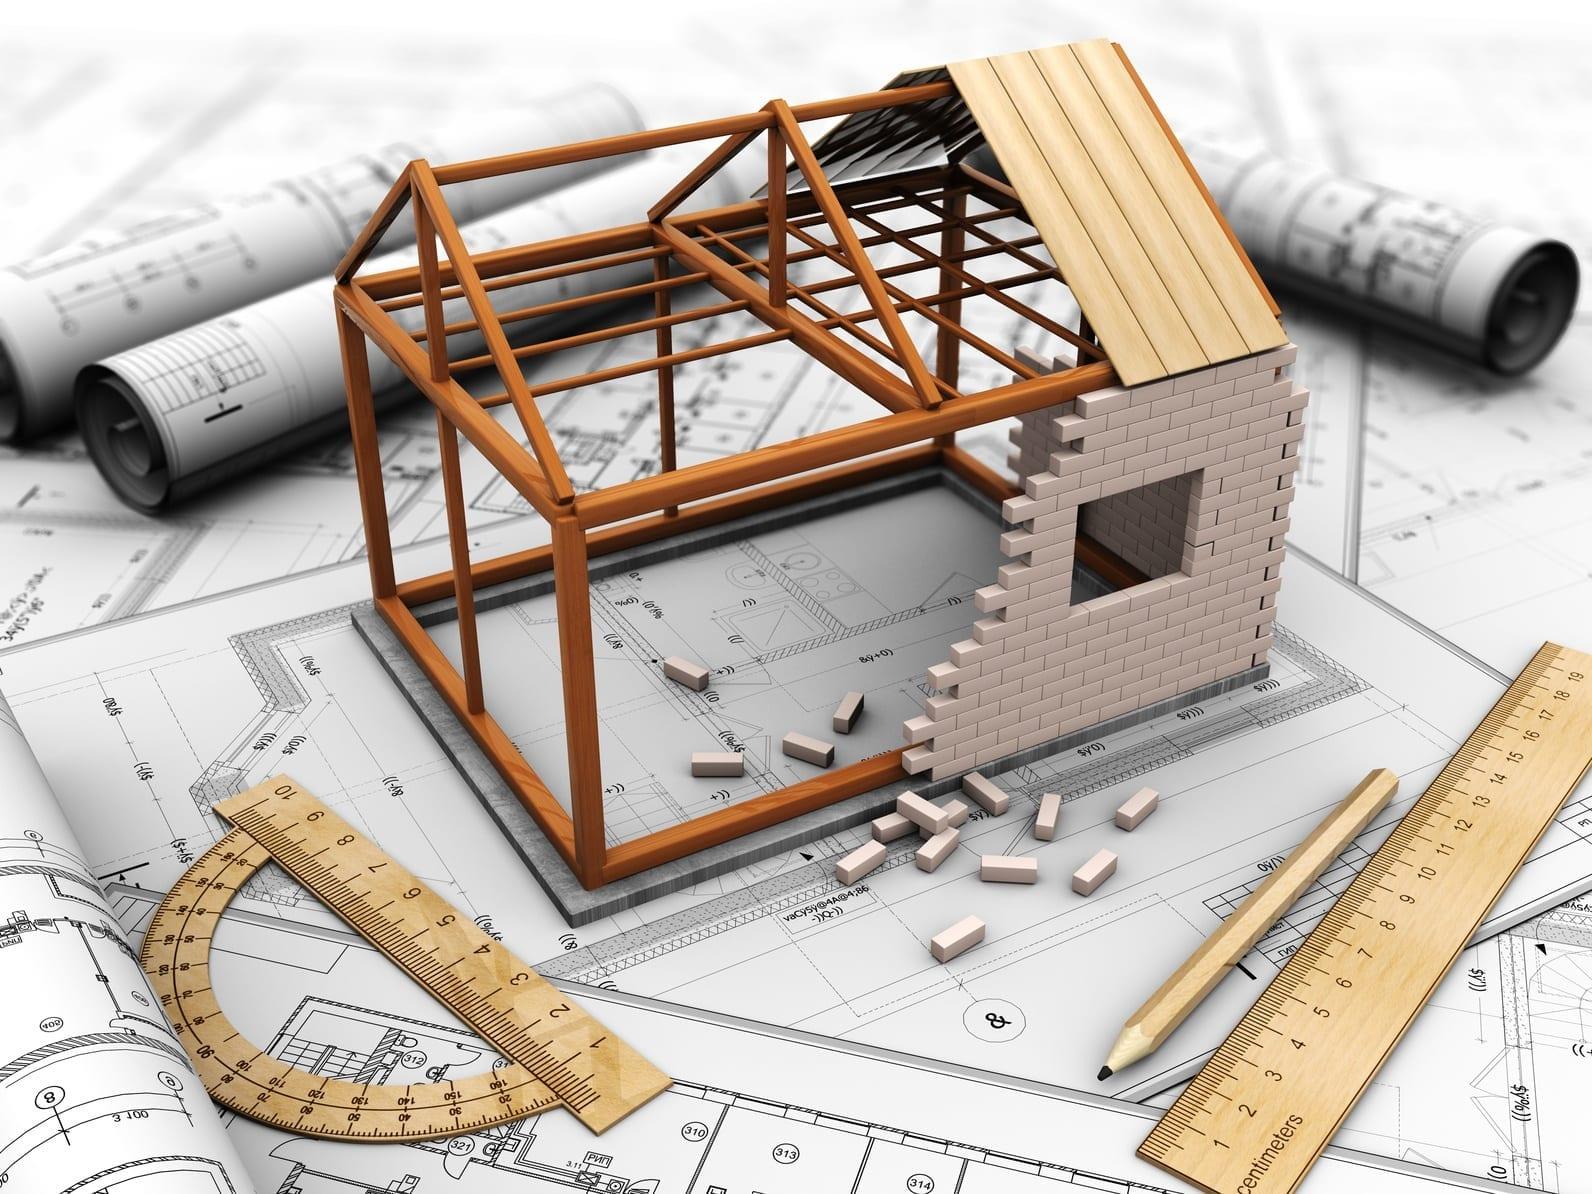 Quanto Costa Un Impianto Di Riscaldamento A Pavimento Al Mq quanto costa costruire una casa al mq: guida completa